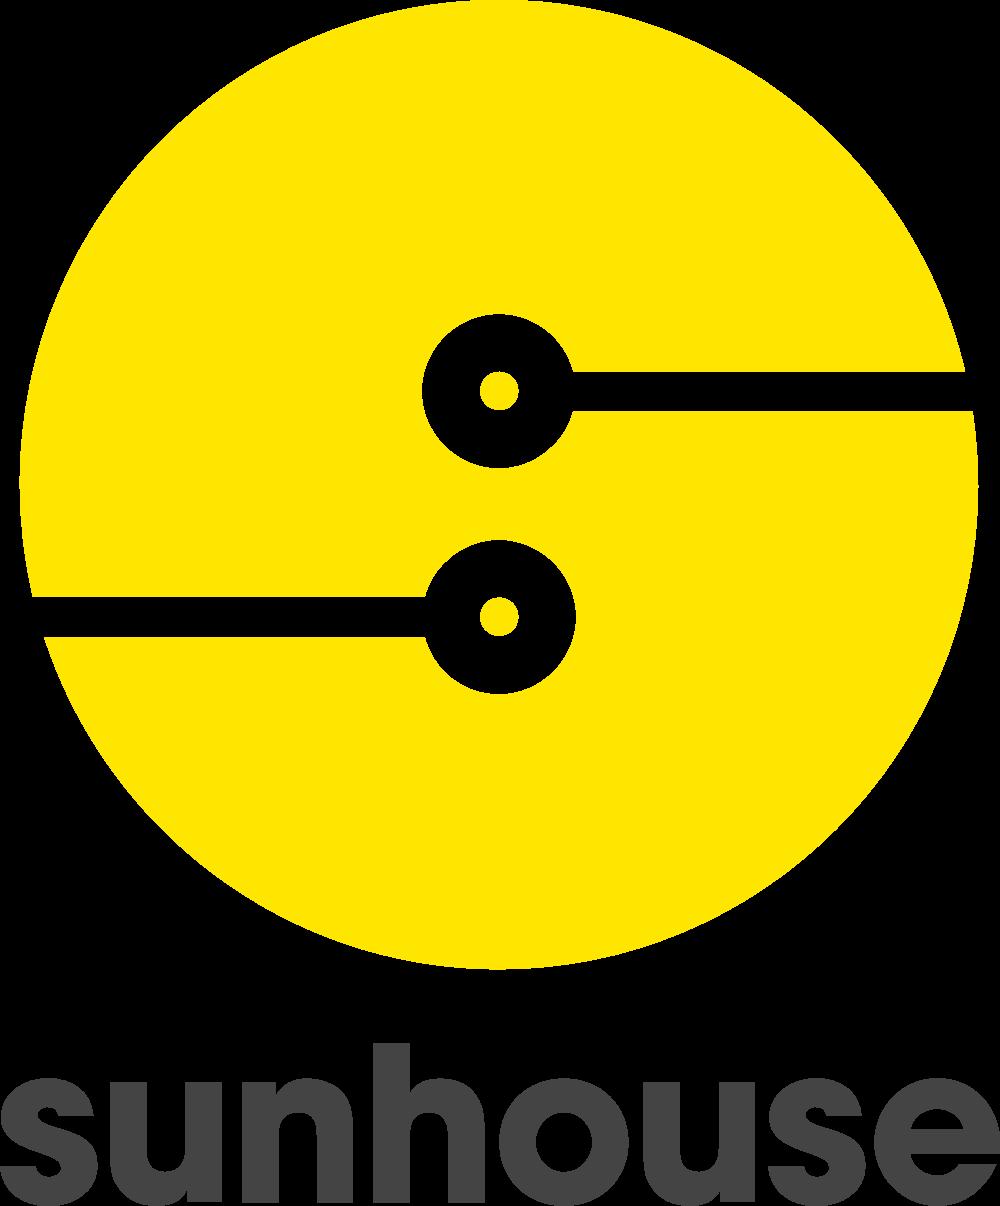 SUNHOUSE_Logo.png